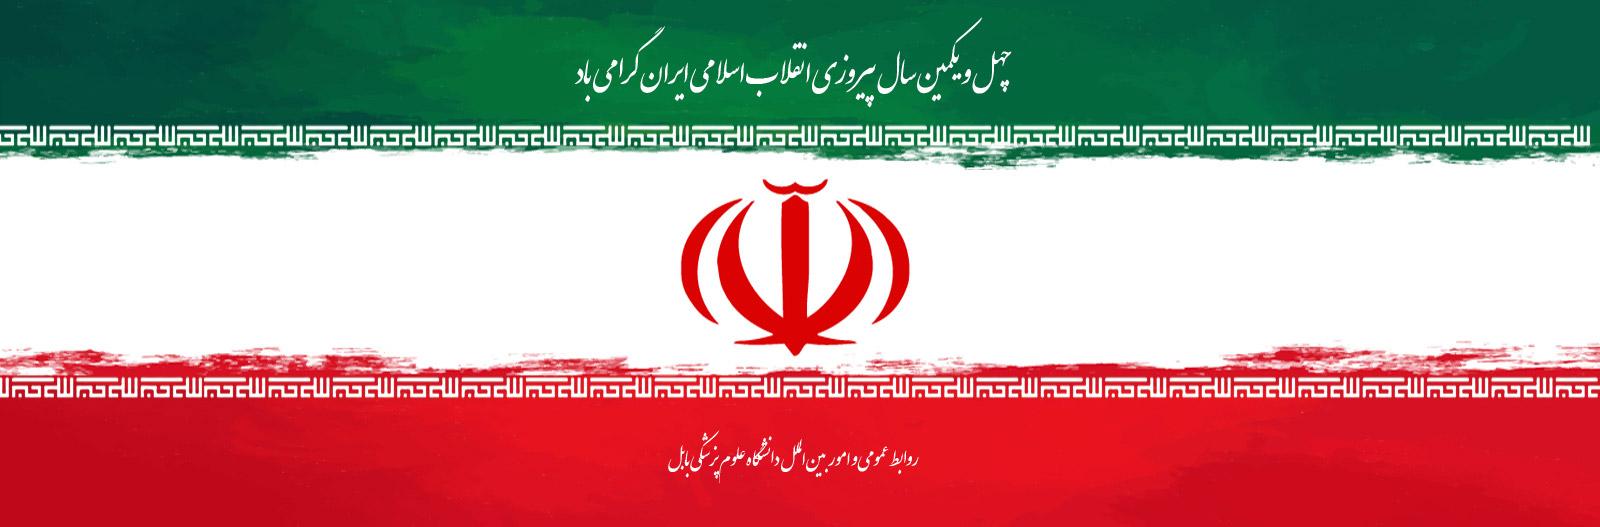 دعوت ستاد مبارزه با مواد مخدر از مردم ایران برای حضور در راهپیمایی ۲۲ بهمن